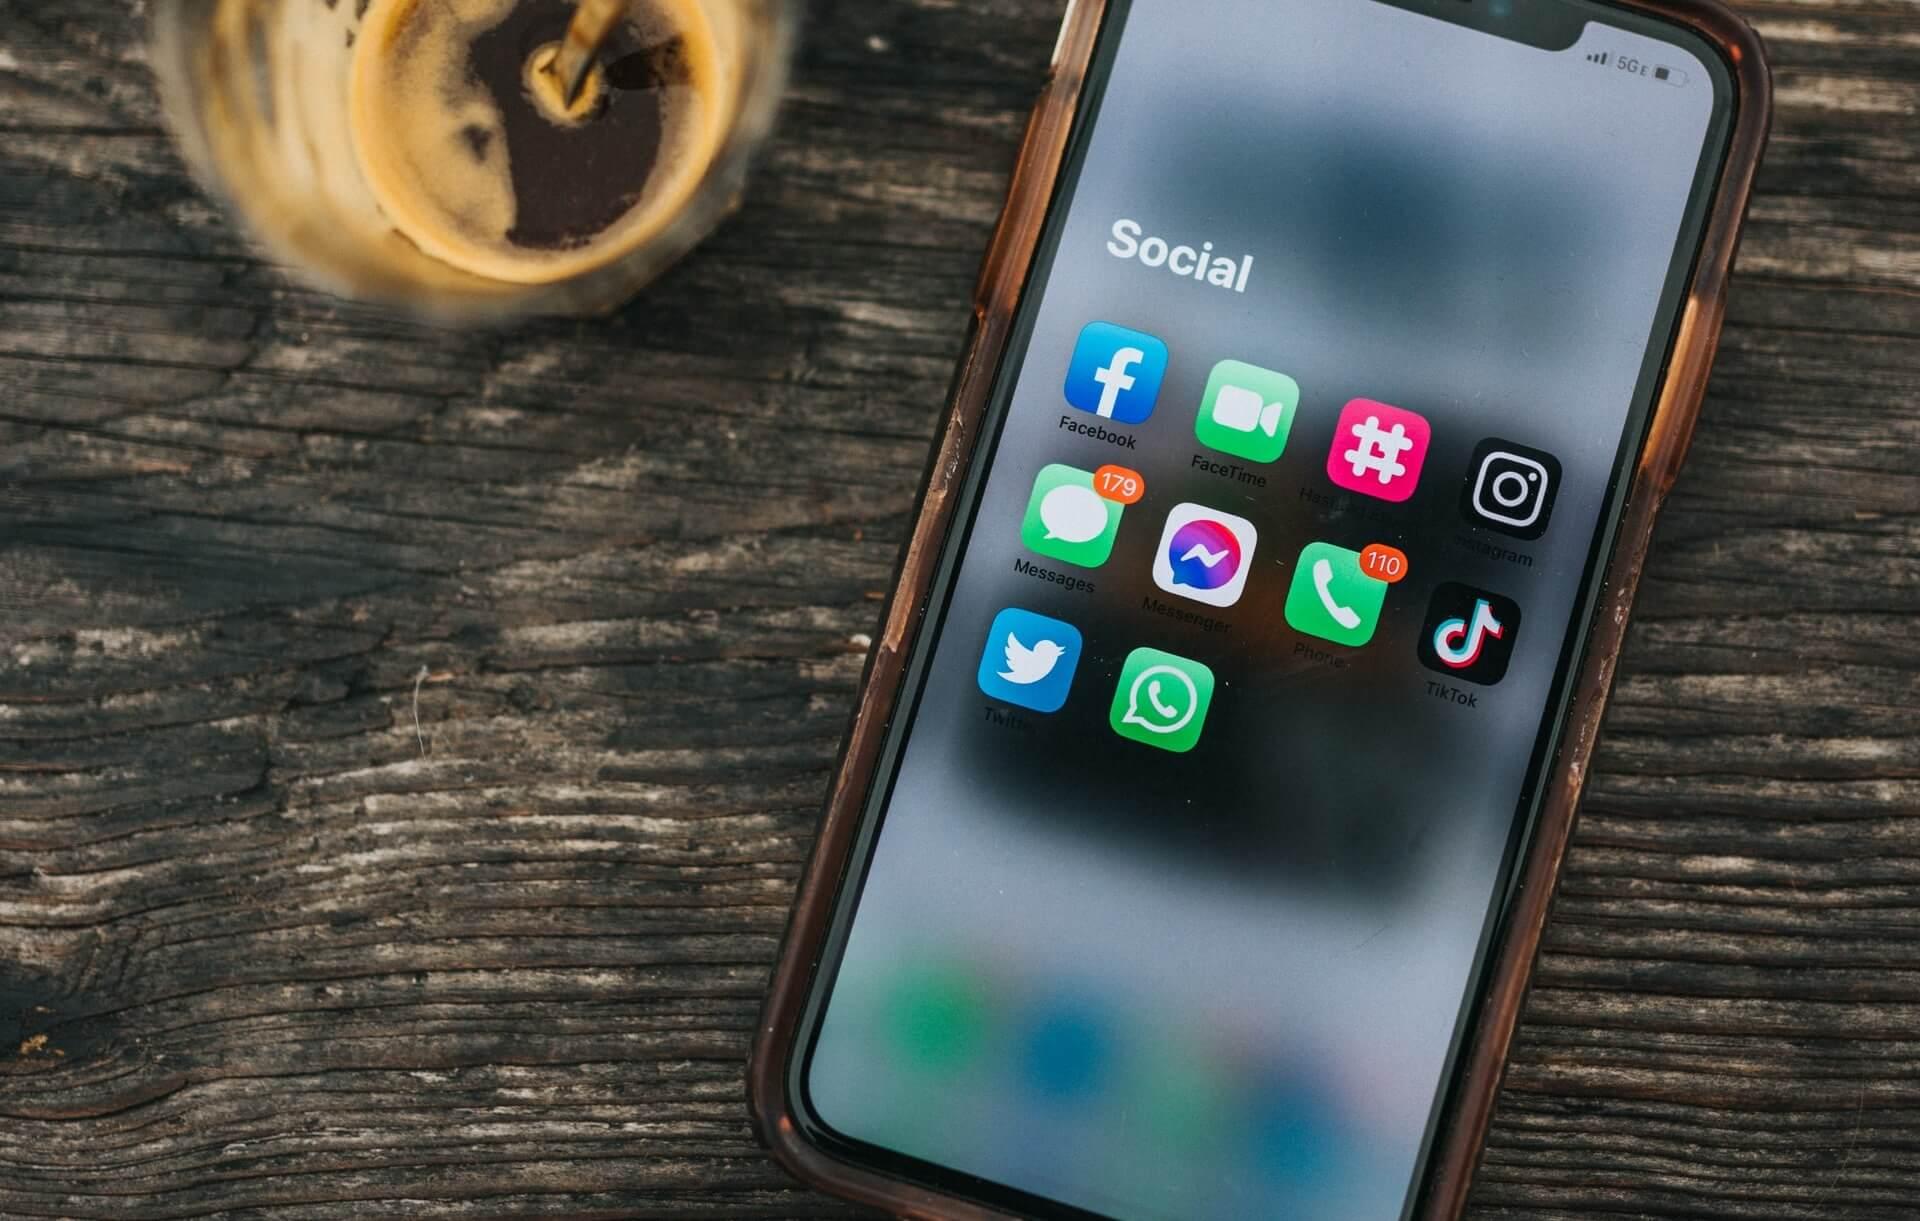 Messenger više nije najpopularnija aplikacija: Po broju preuzimanja 'prešišala' ga druga mreža